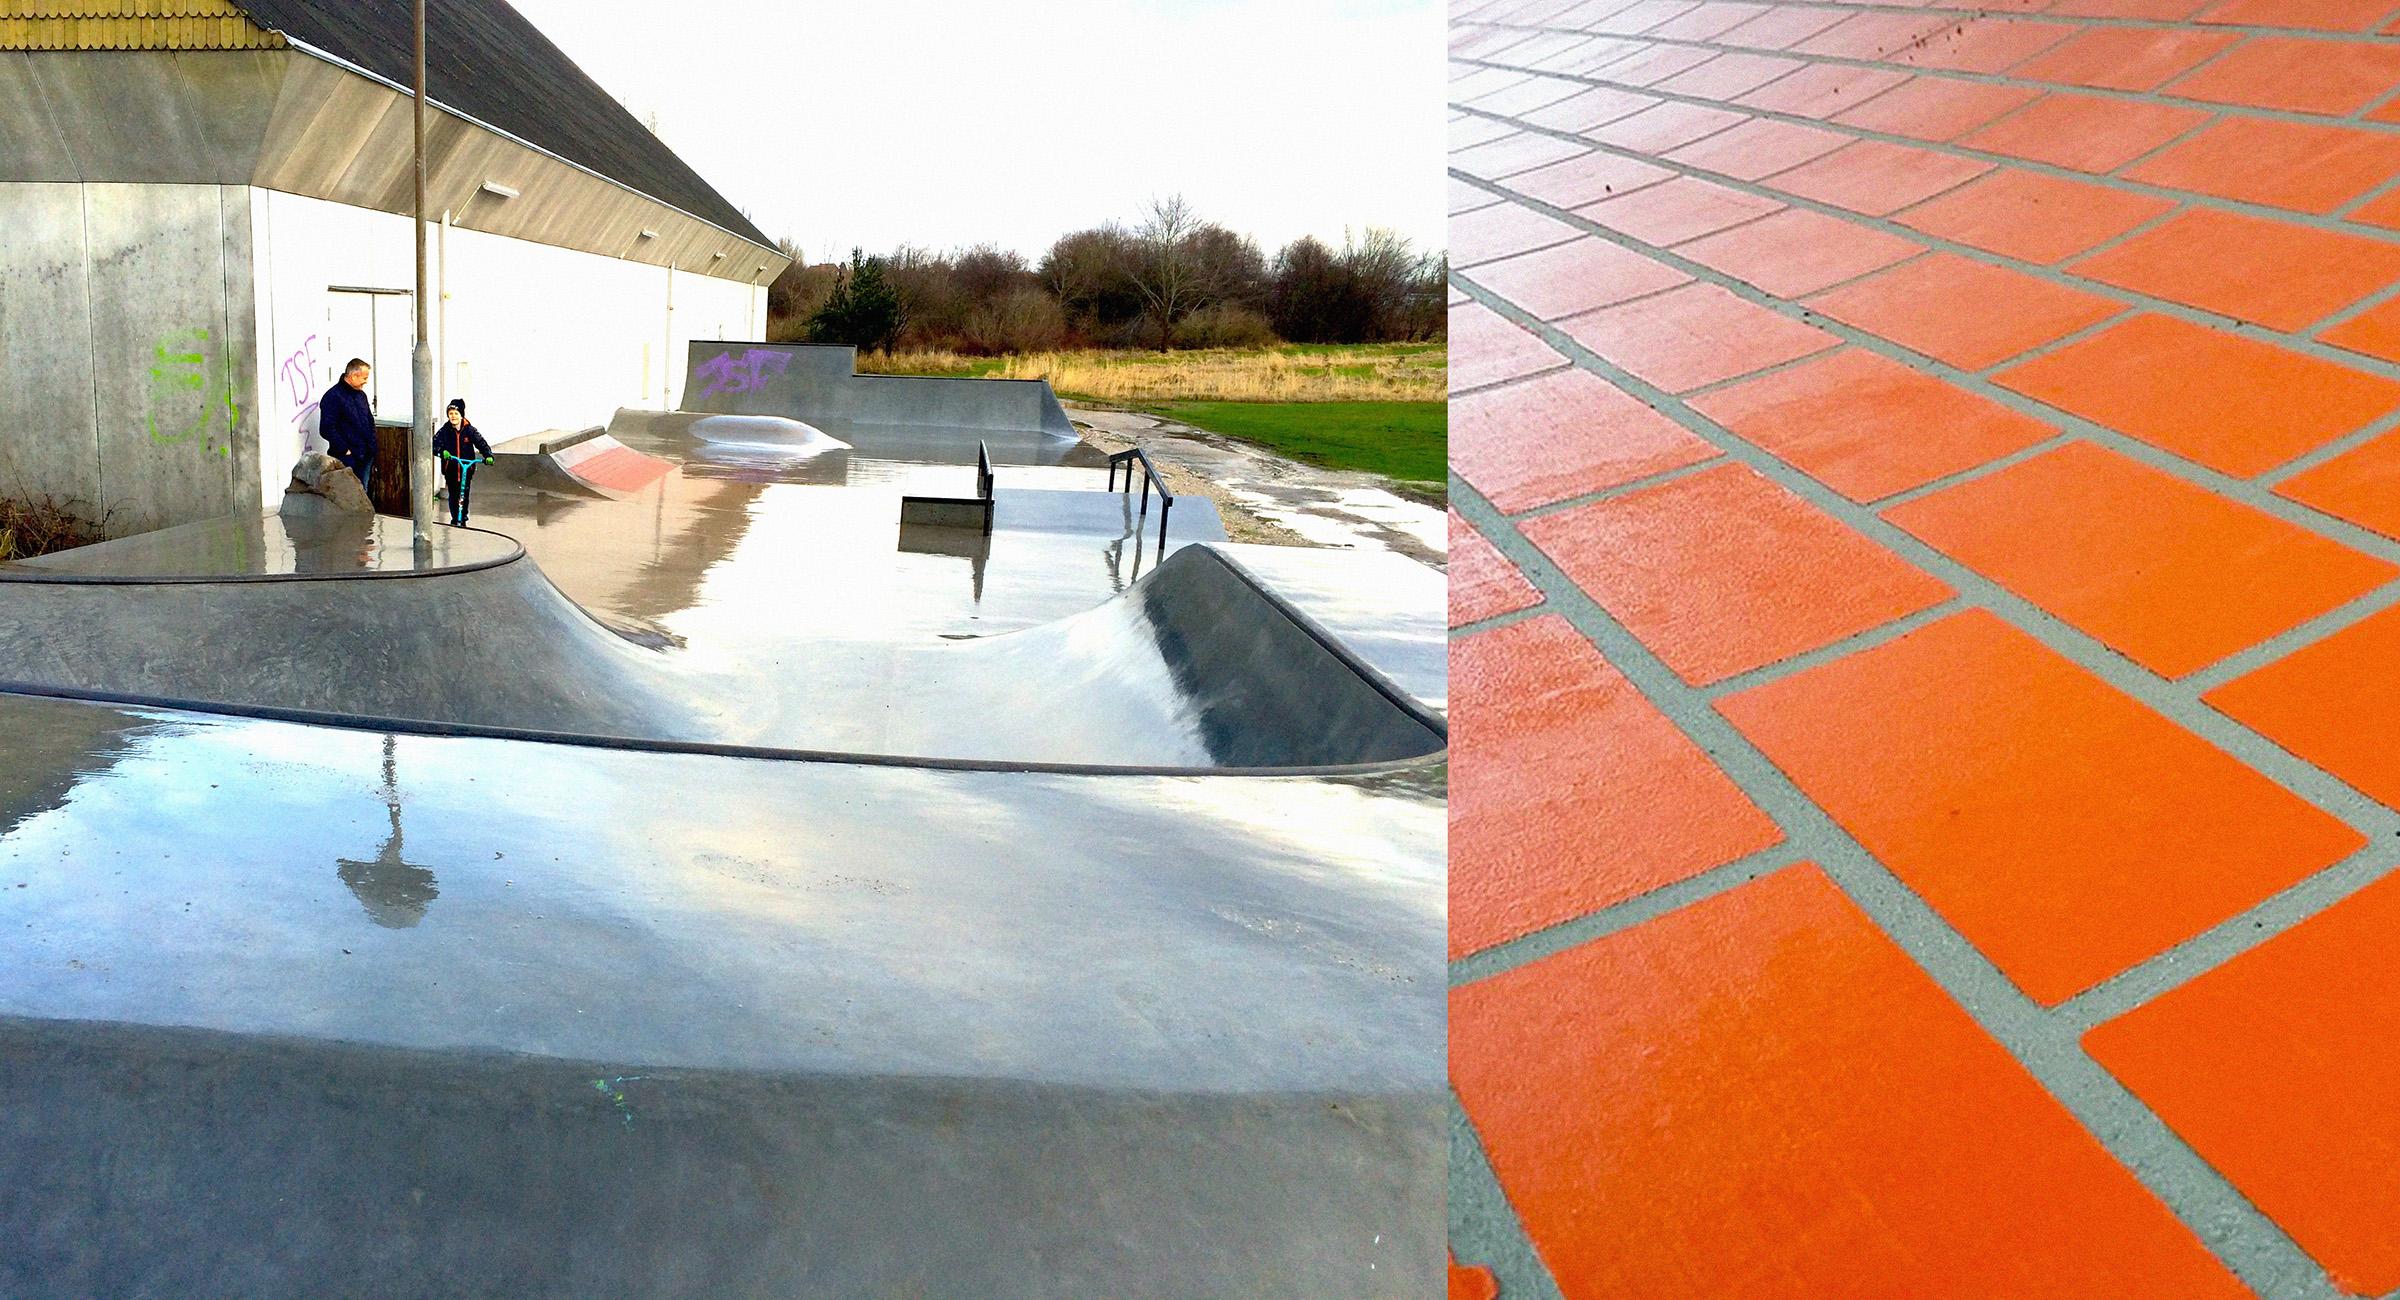 Billedet viser en skatepark i beton og et nærbillede af mursten støbt ned i en quarter